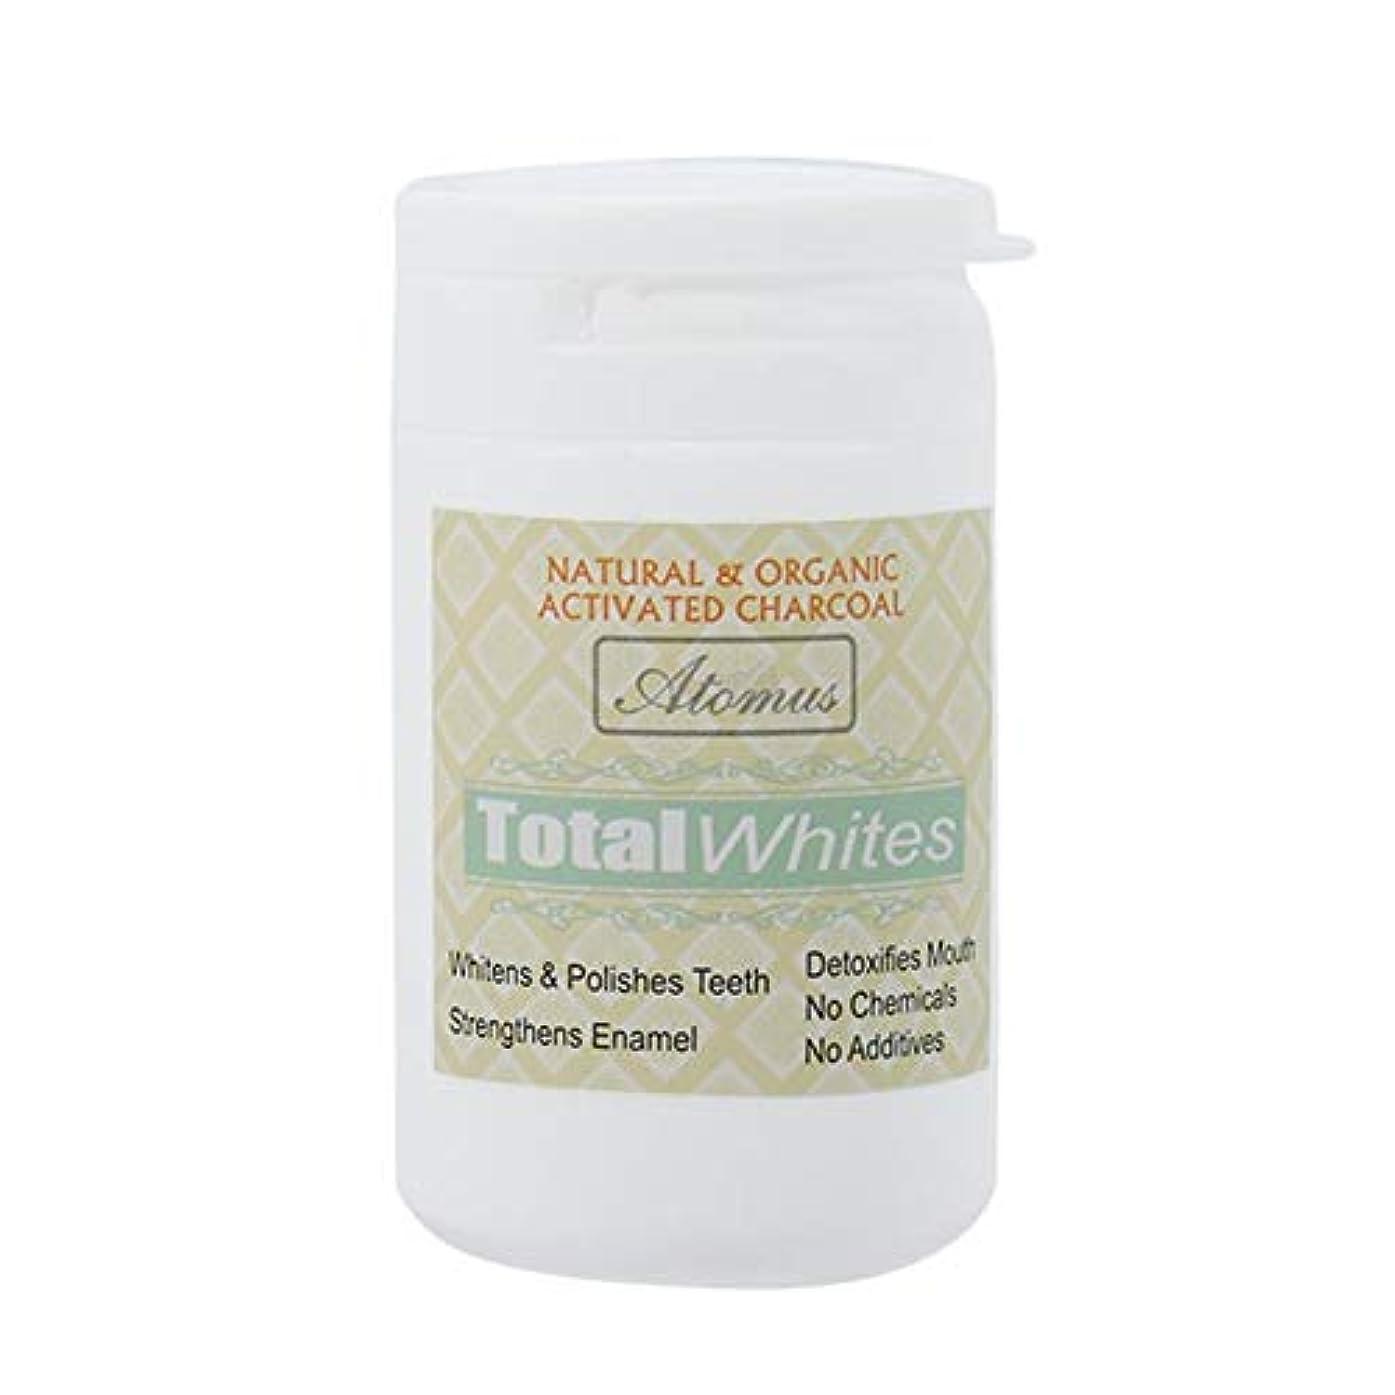 ジャズ欺手順歯のホワイトニングパウダー、活性炭の歯のホワイトナーパウダー - 有機安全で効果的なホワイトナーの解決策 - ホワイトニングの歯とフレッシュな息